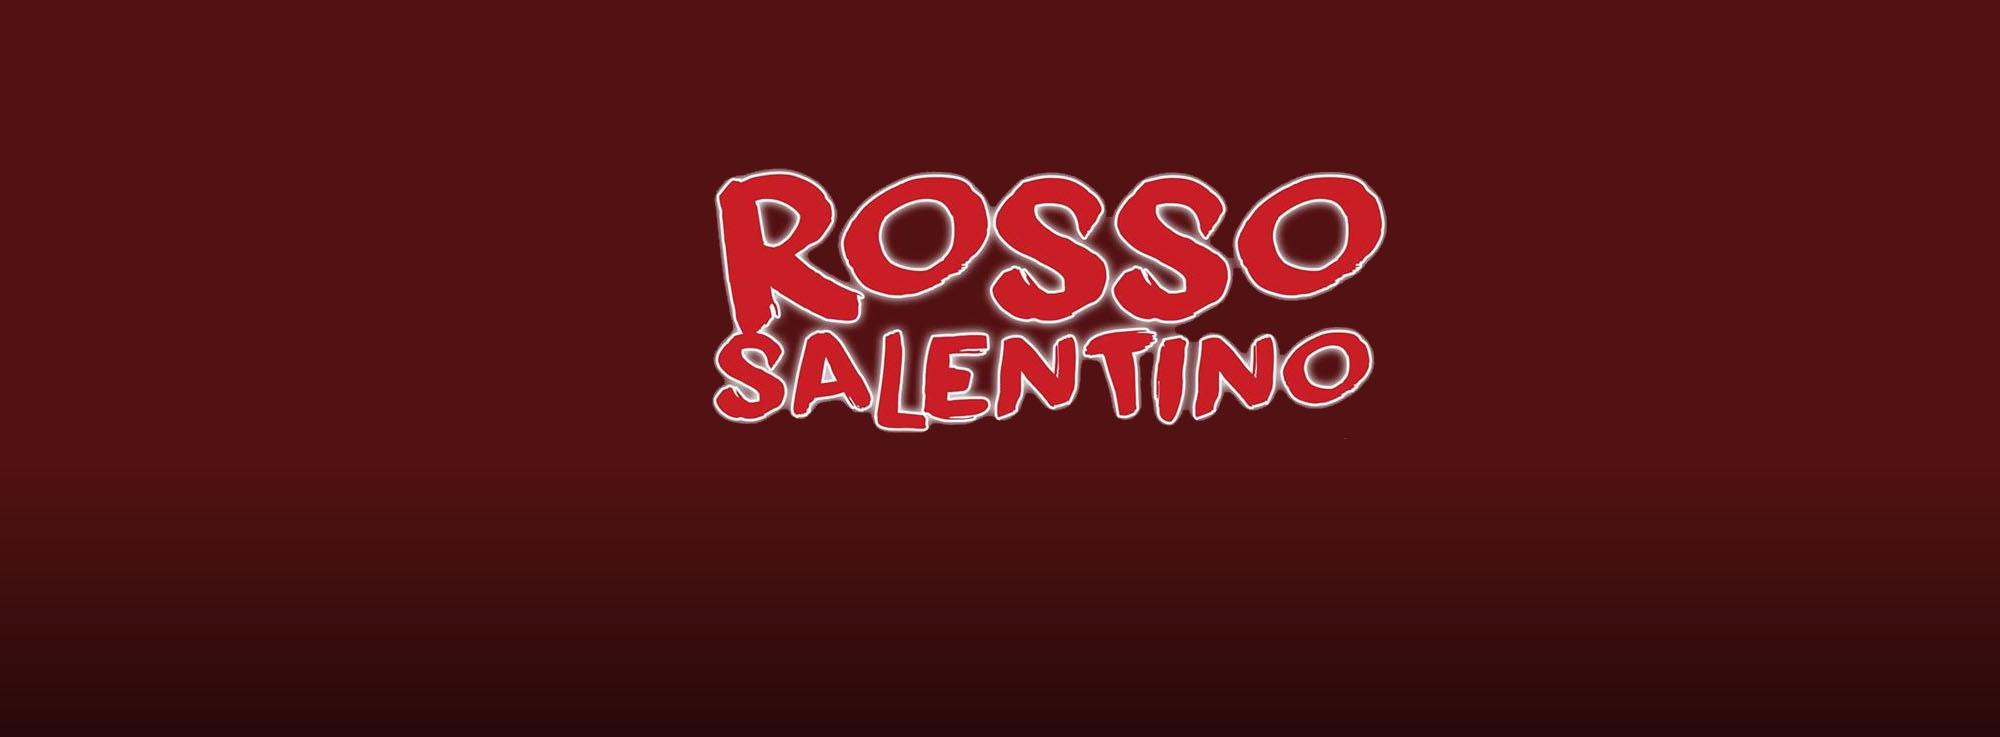 Mesagne: Rosso Salentino